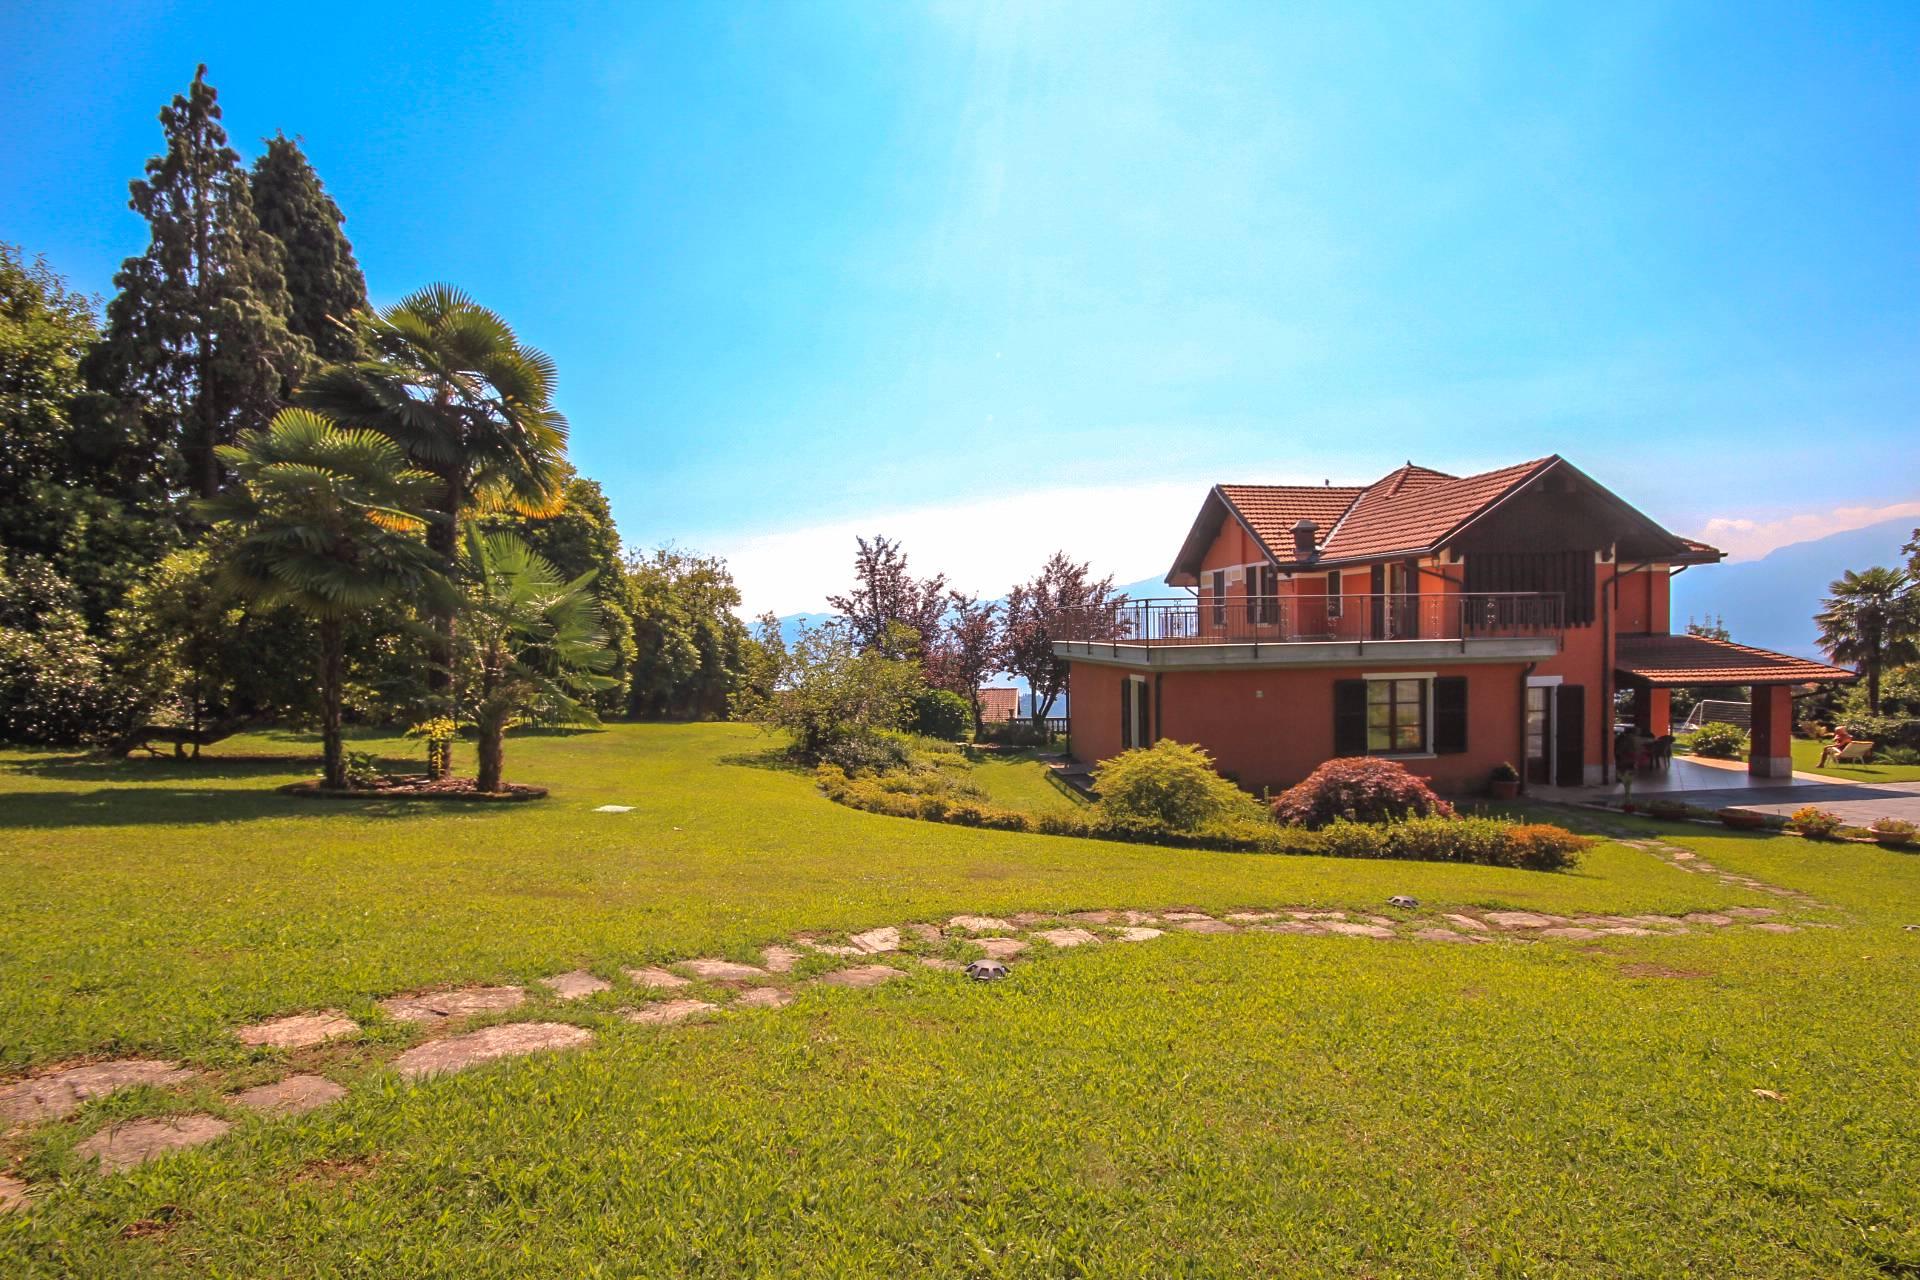 Villa in vendita a Bee, 1 locali, Trattative riservate | Cambio Casa.it